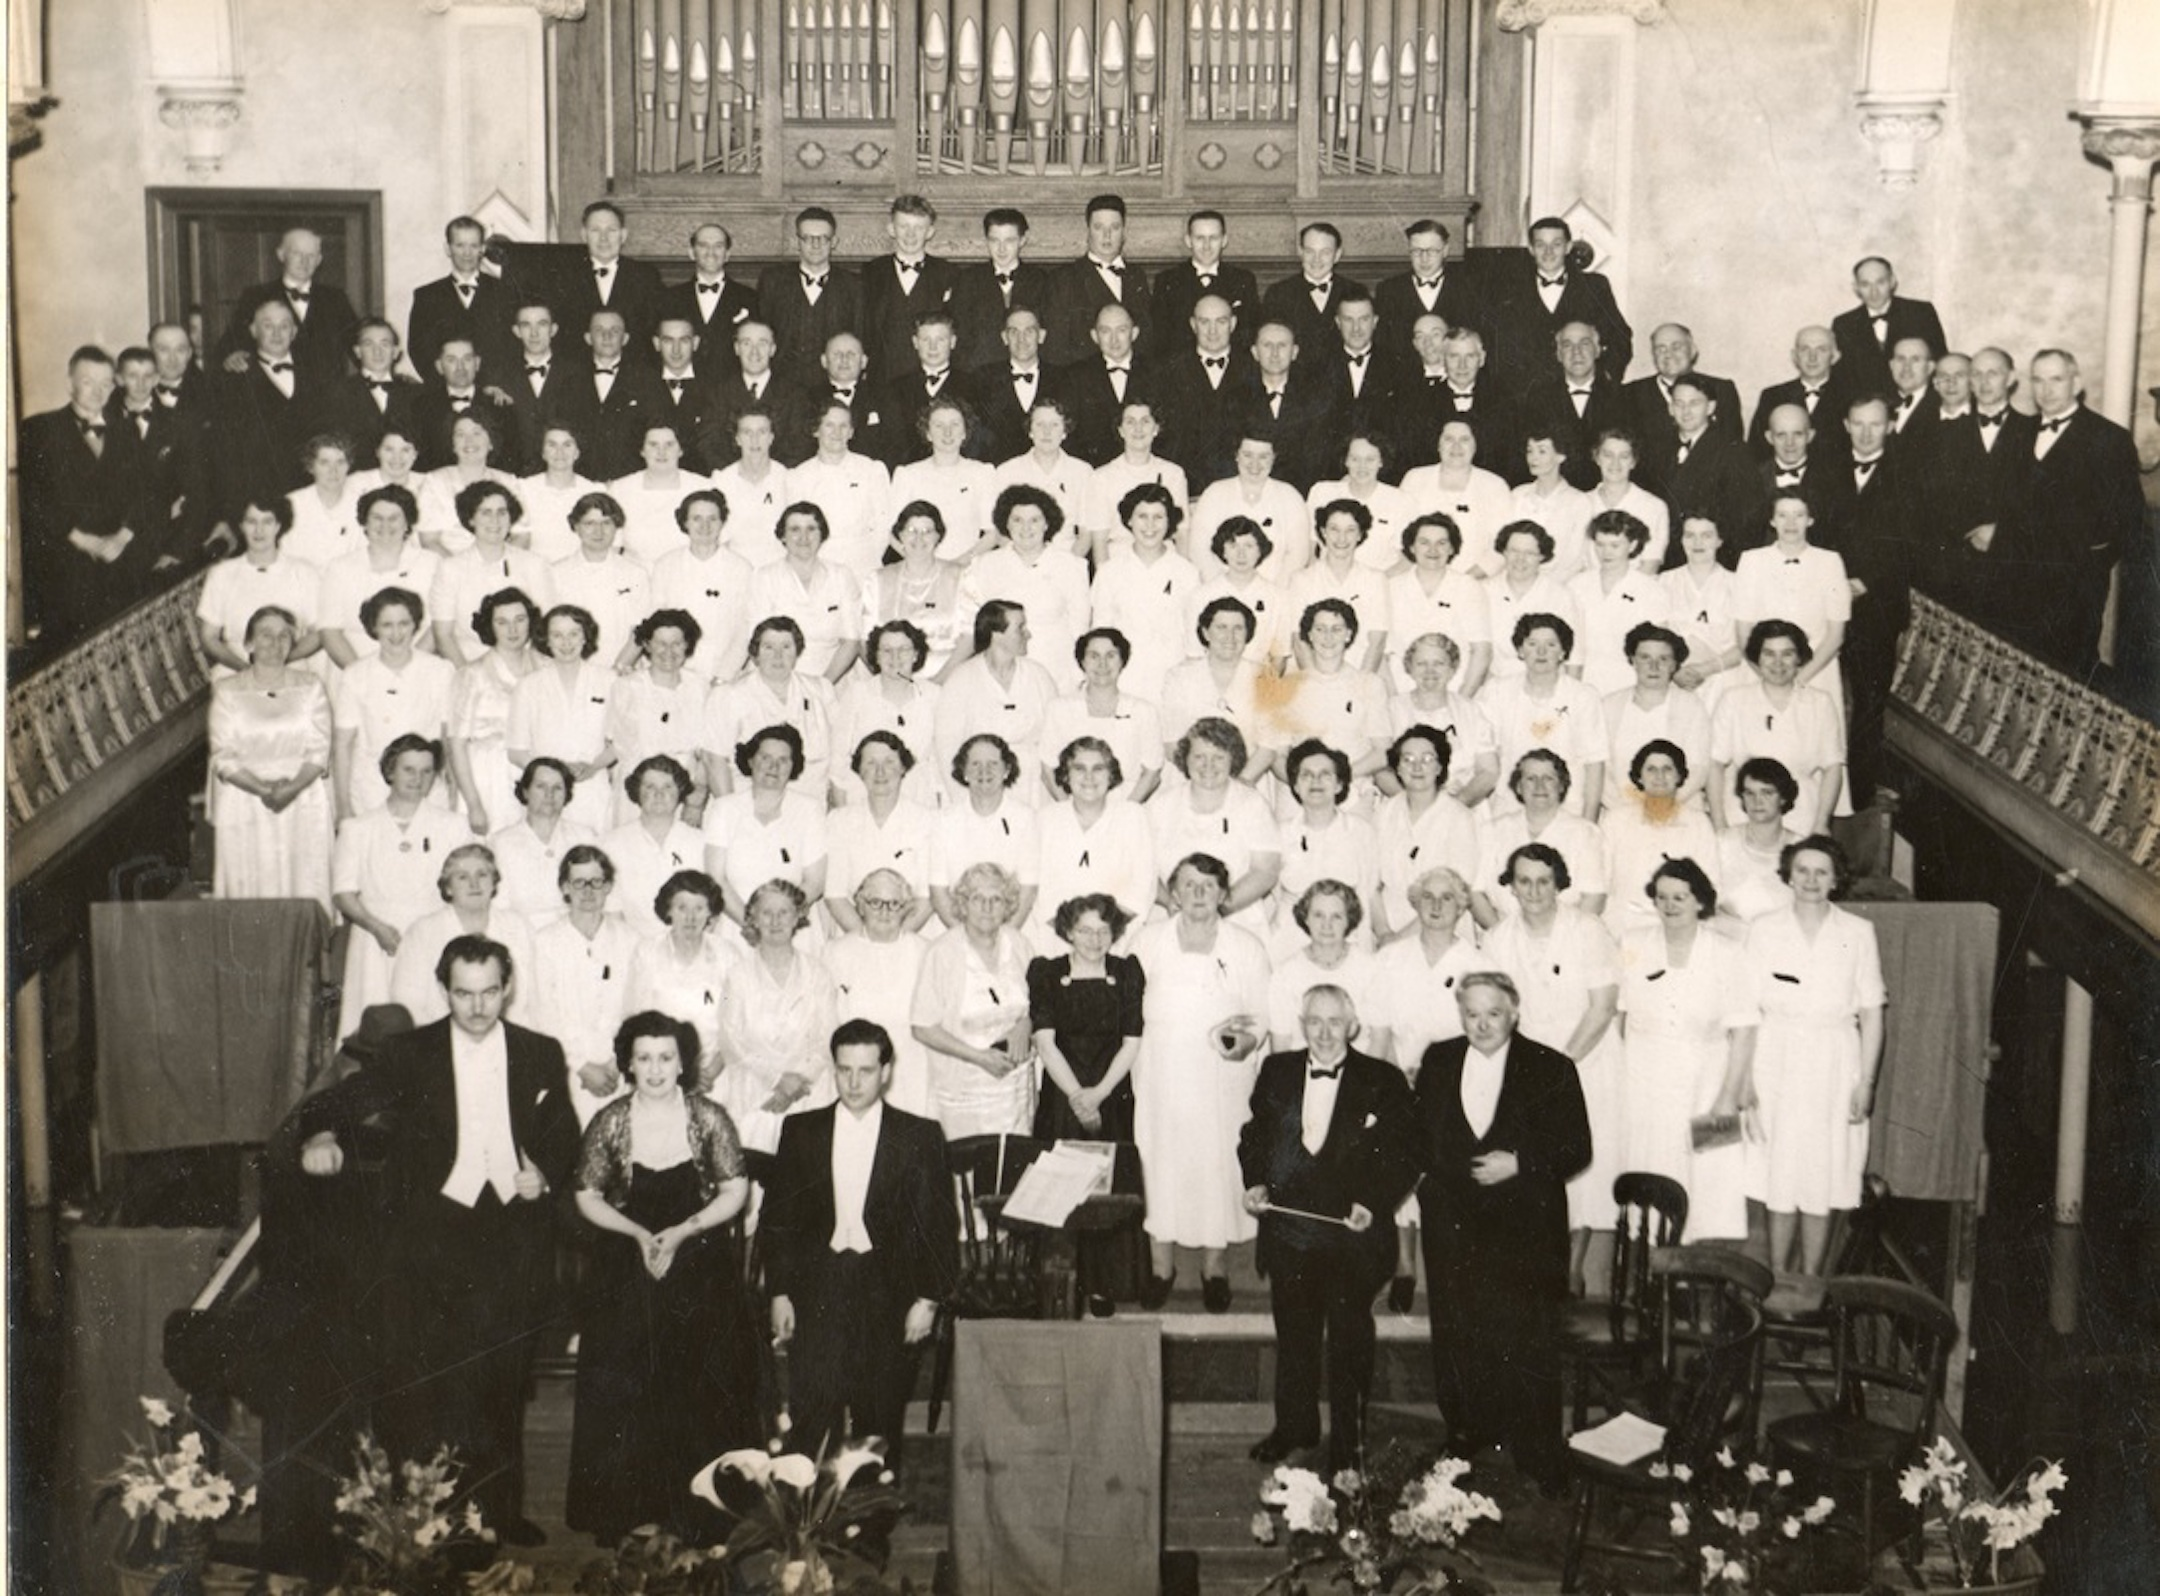 Gone for Good - Bethel Chapel, Penclawdd, Gower : Ben Holbrook82